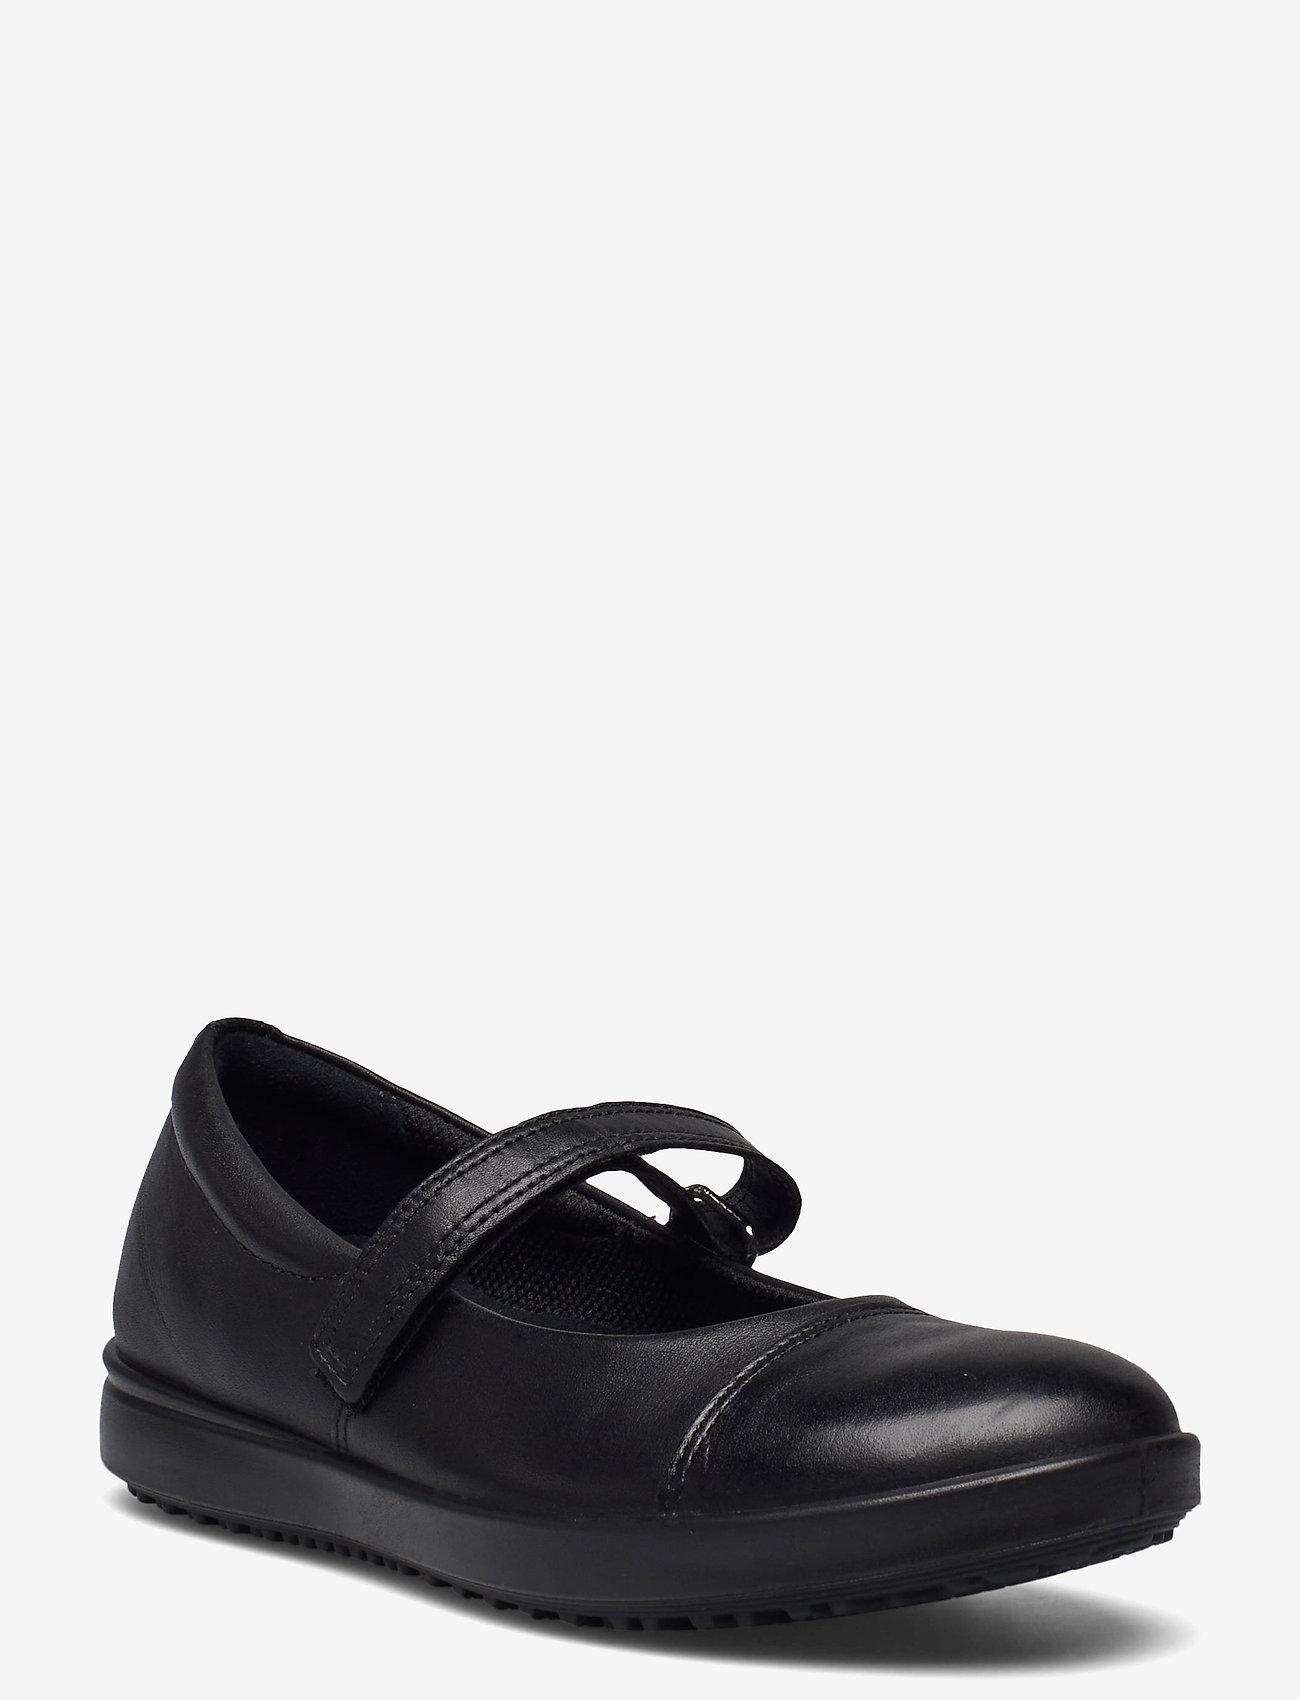 ECCO - ELLI - ballerinaer og slip-ons - black/black - 1